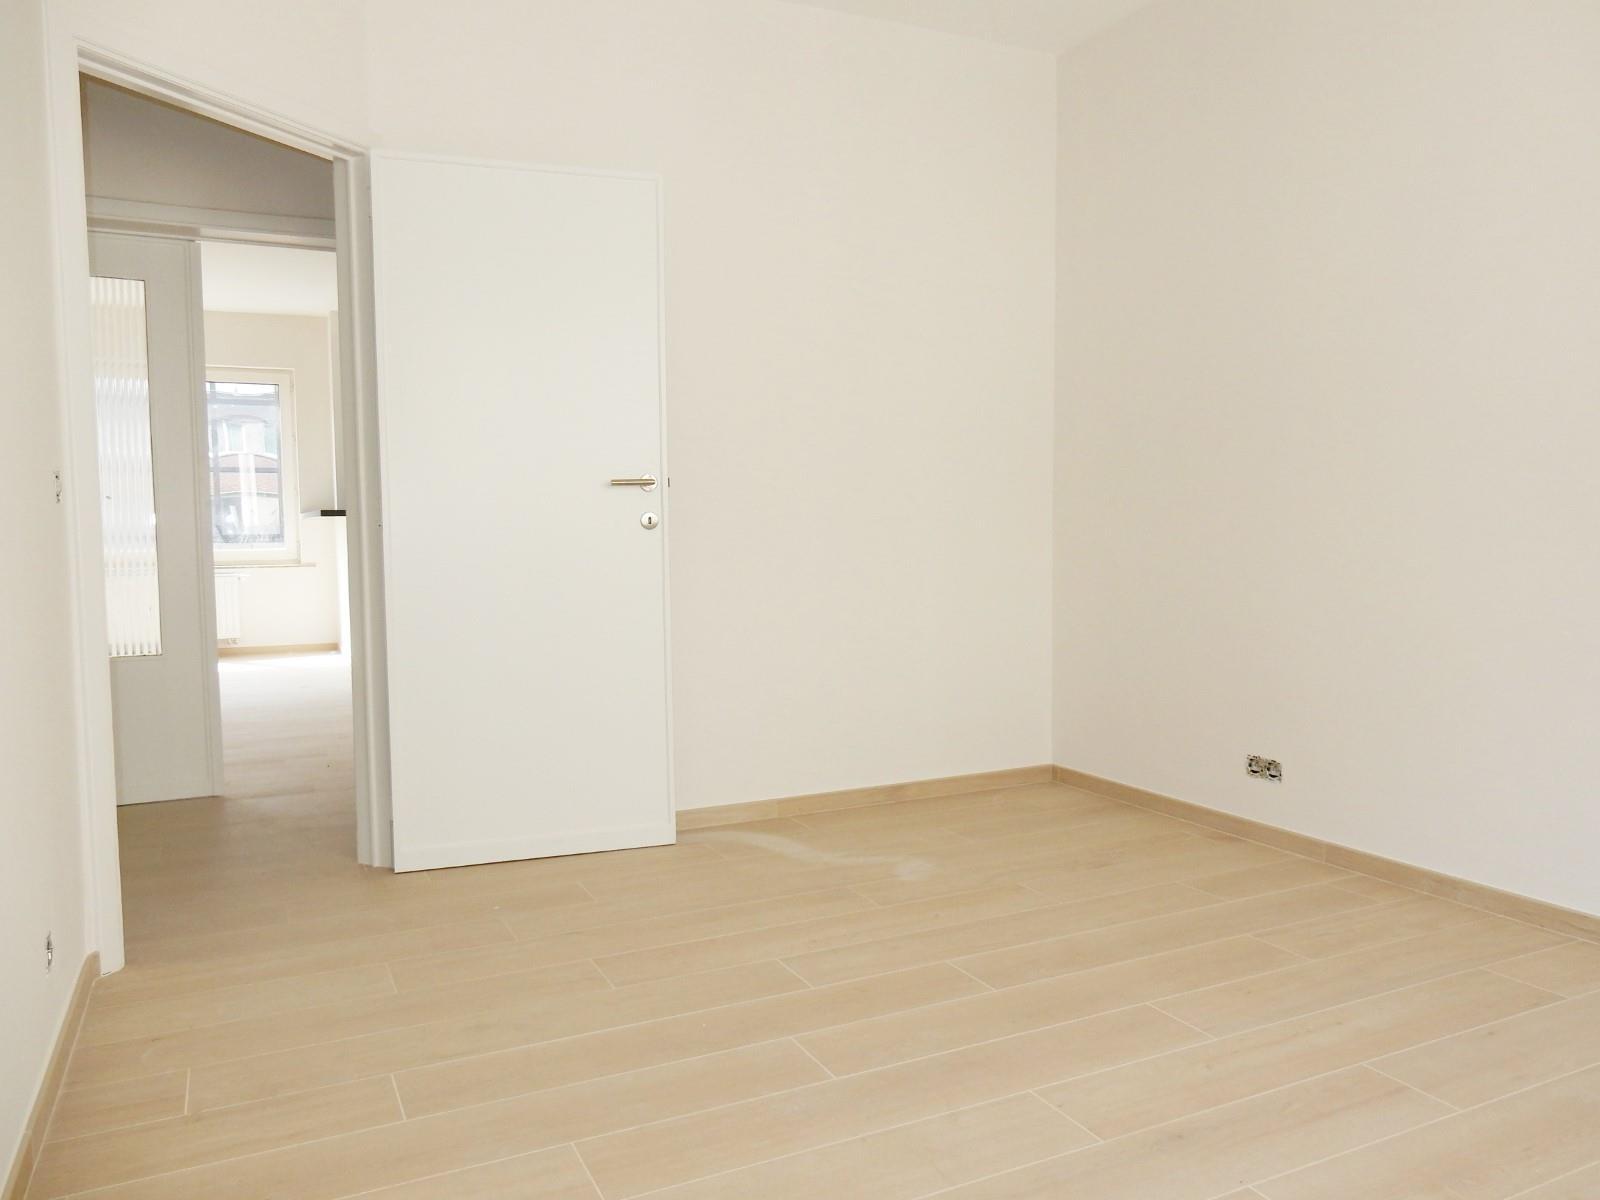 Appartement - Schaarbeek - #3798187-6